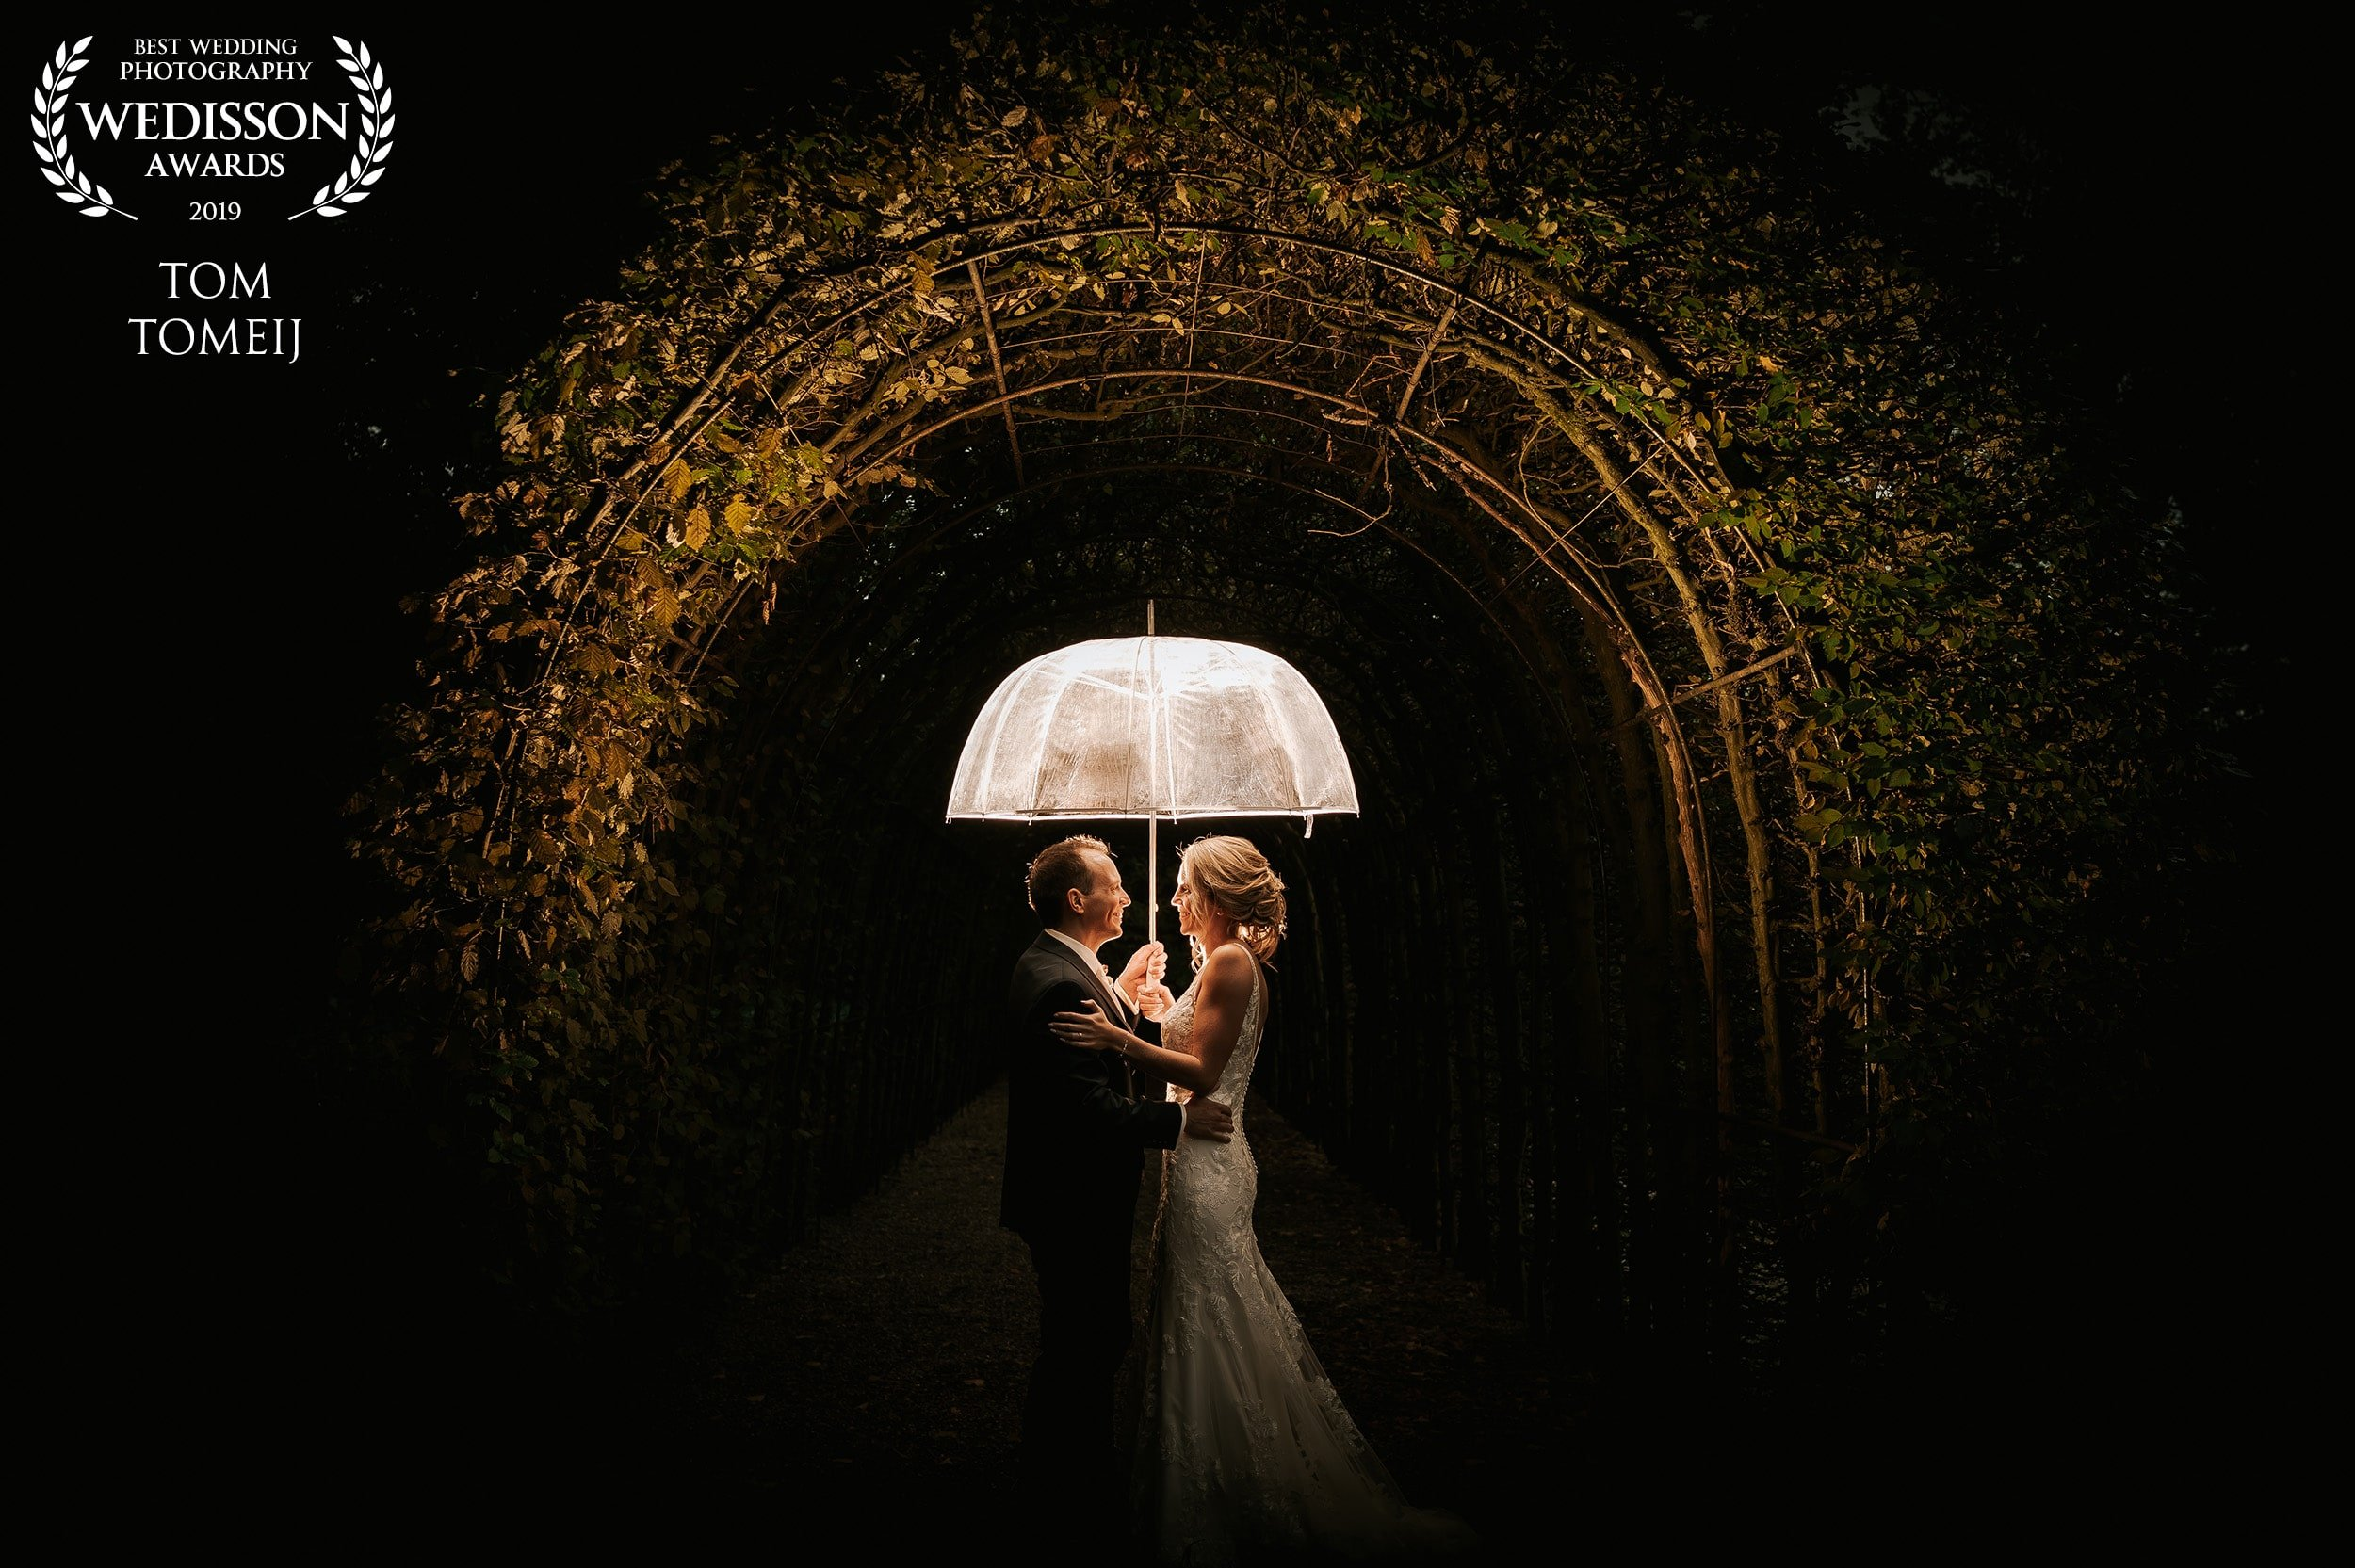 Herfst fotografie trouwfotograaf